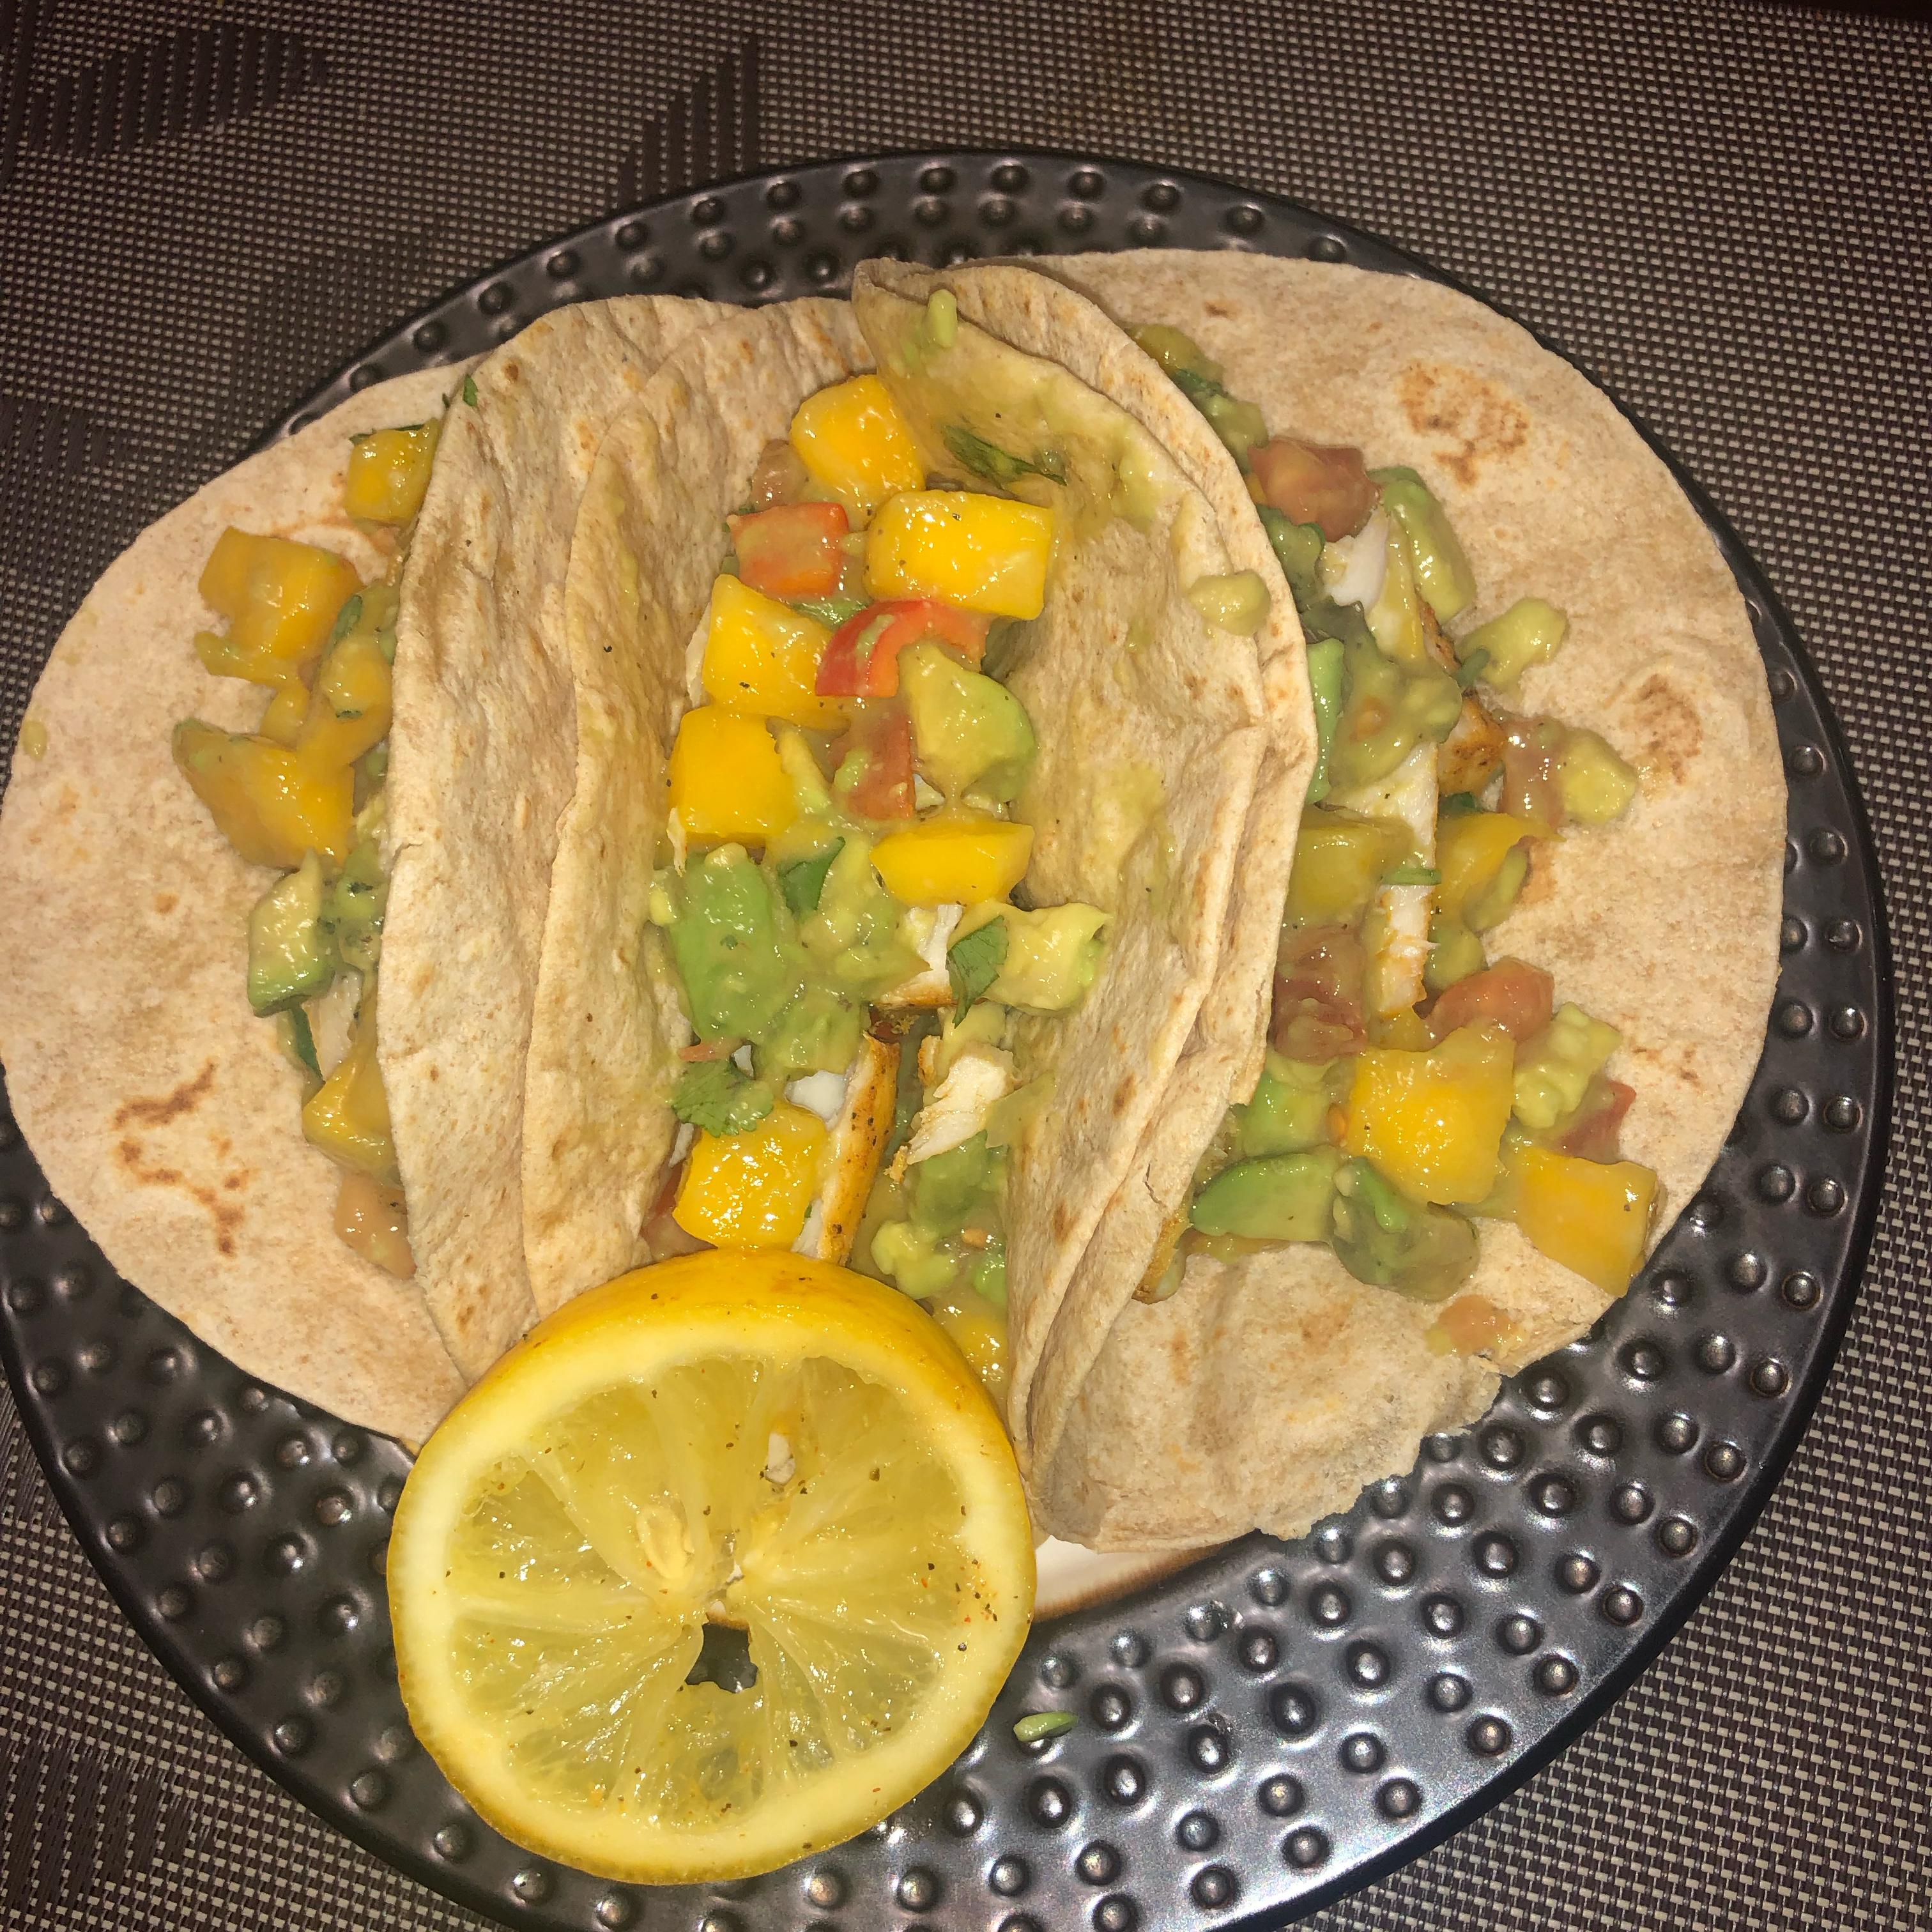 Healthy Fish Tacos with Mango Salsa Miriam Bautista